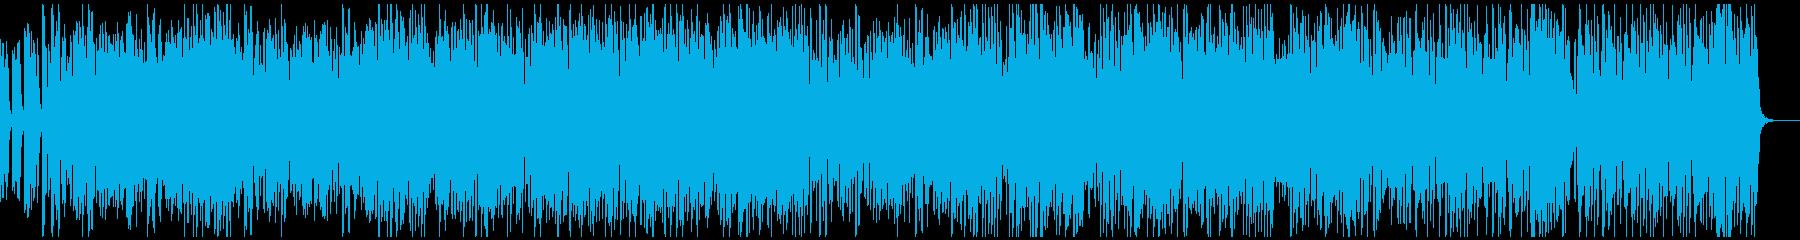 ピアノソロ 明るいリズミカルなラグタイムの再生済みの波形